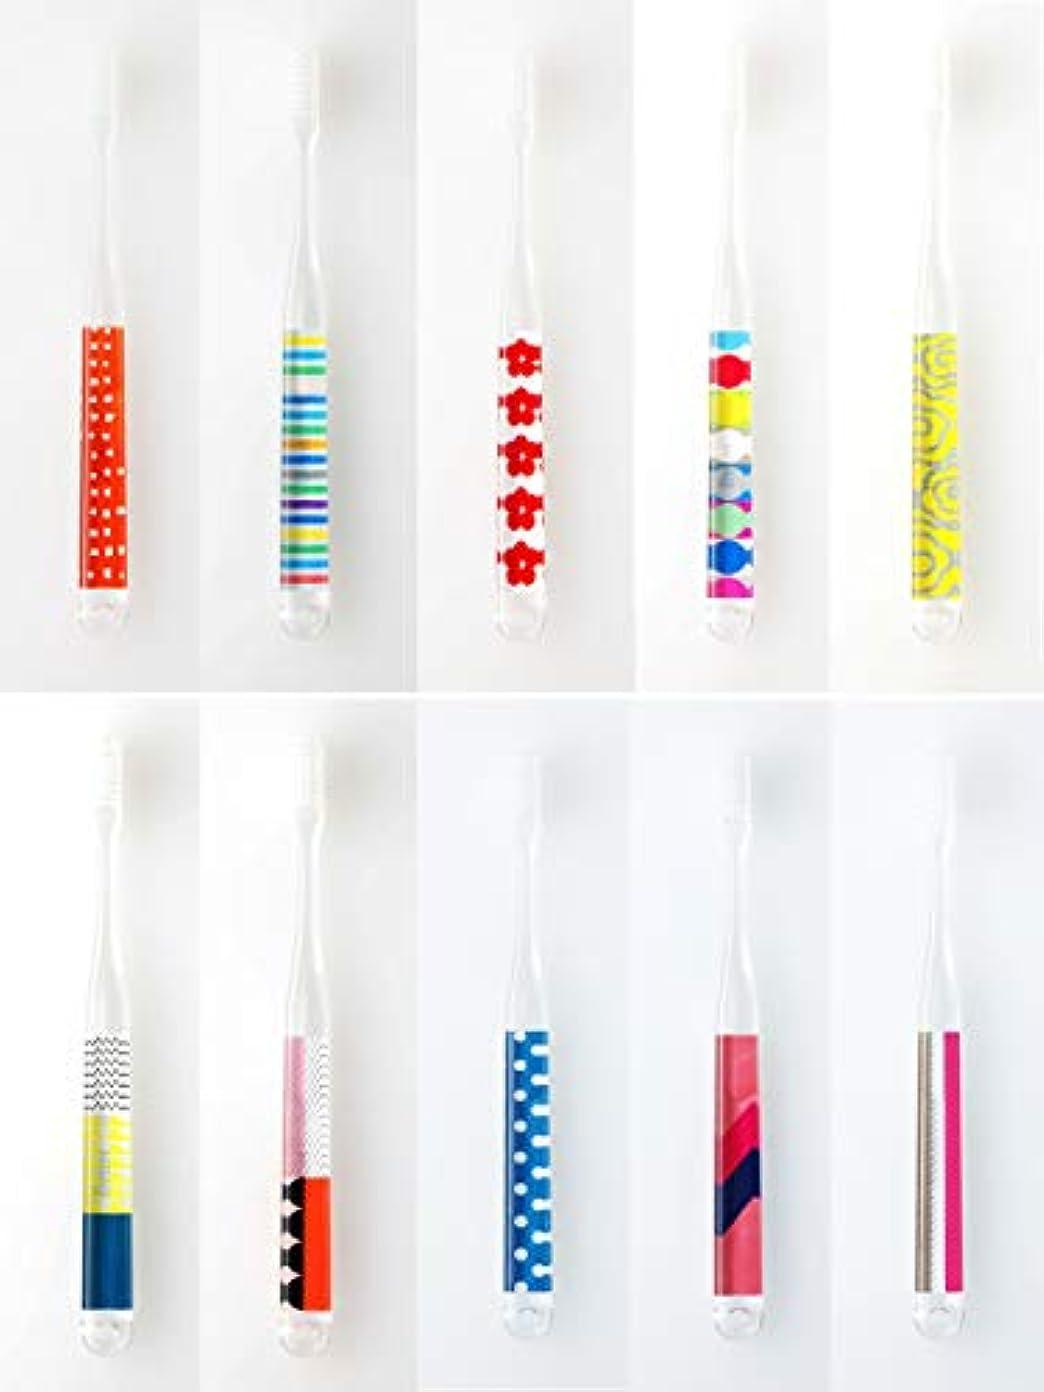 動機付ける作る距離MOYO モヨウ 歯ブラシ POP 10本セット_562302-pop3 【F】,POP10本セット ハブラシ